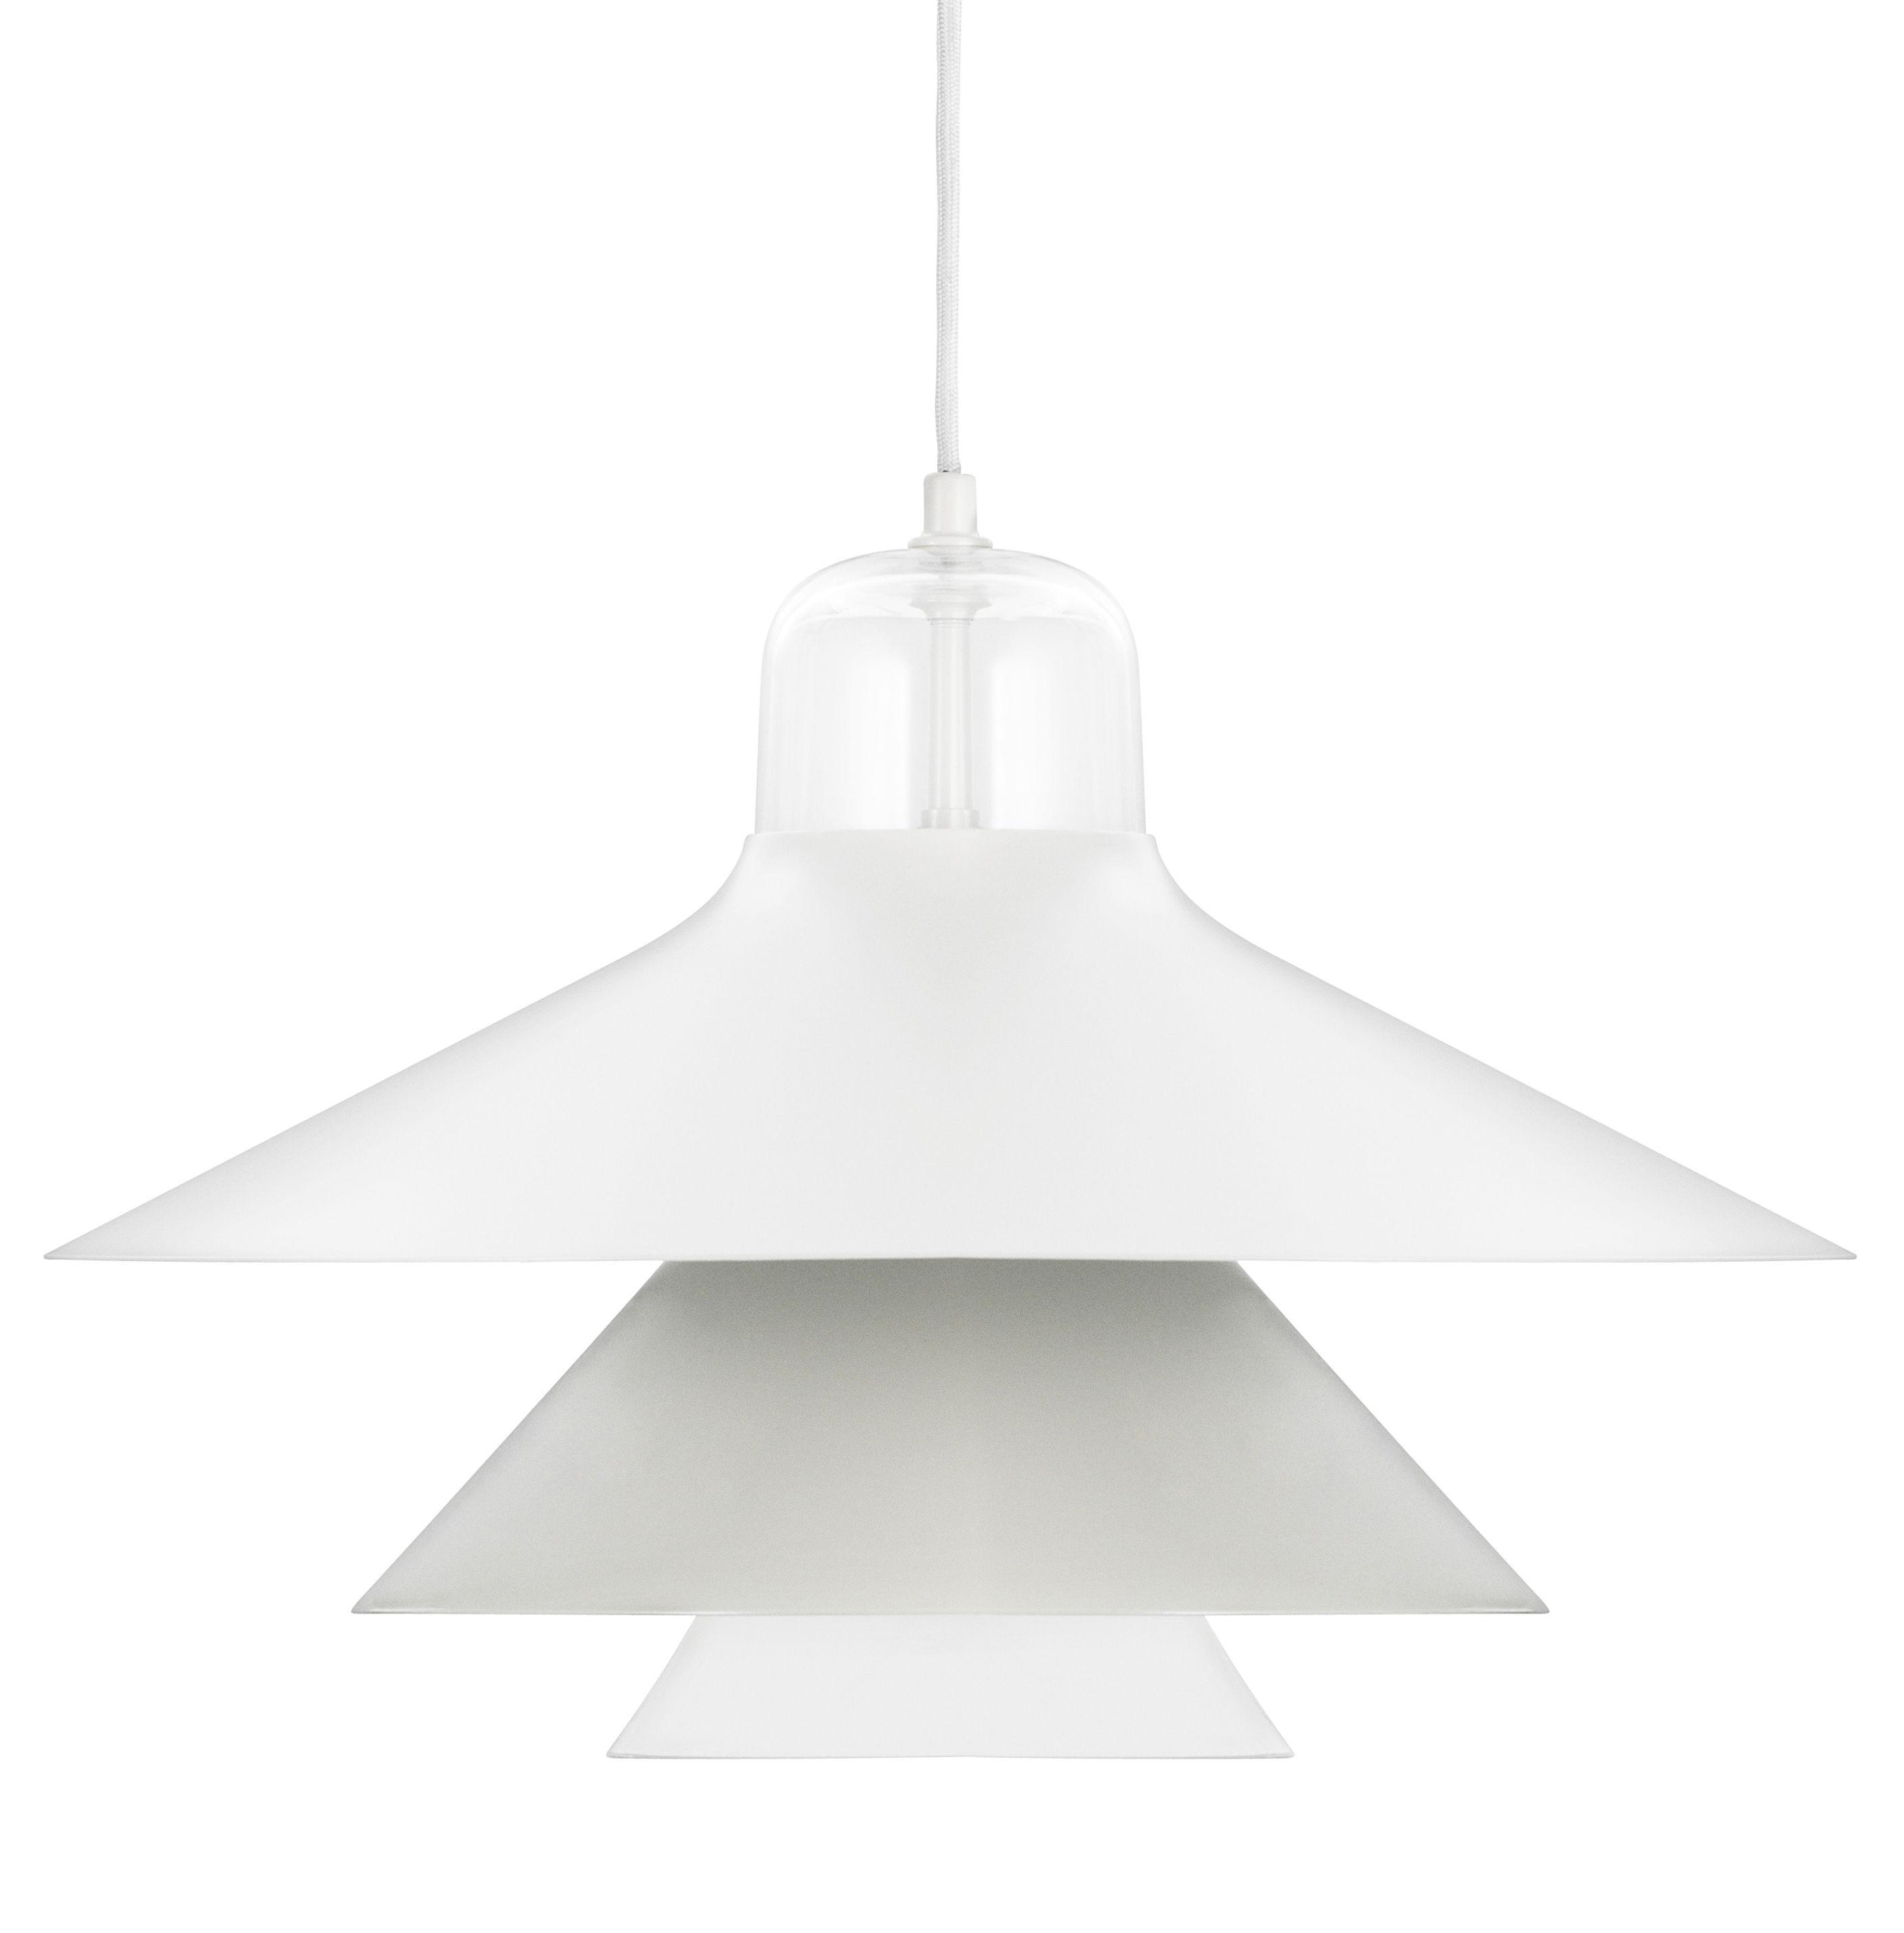 Luminaire - Suspensions - Suspension Ikono Large / Ø 45 cm - Normann Copenhagen - Gris - Acier laqué, Verre